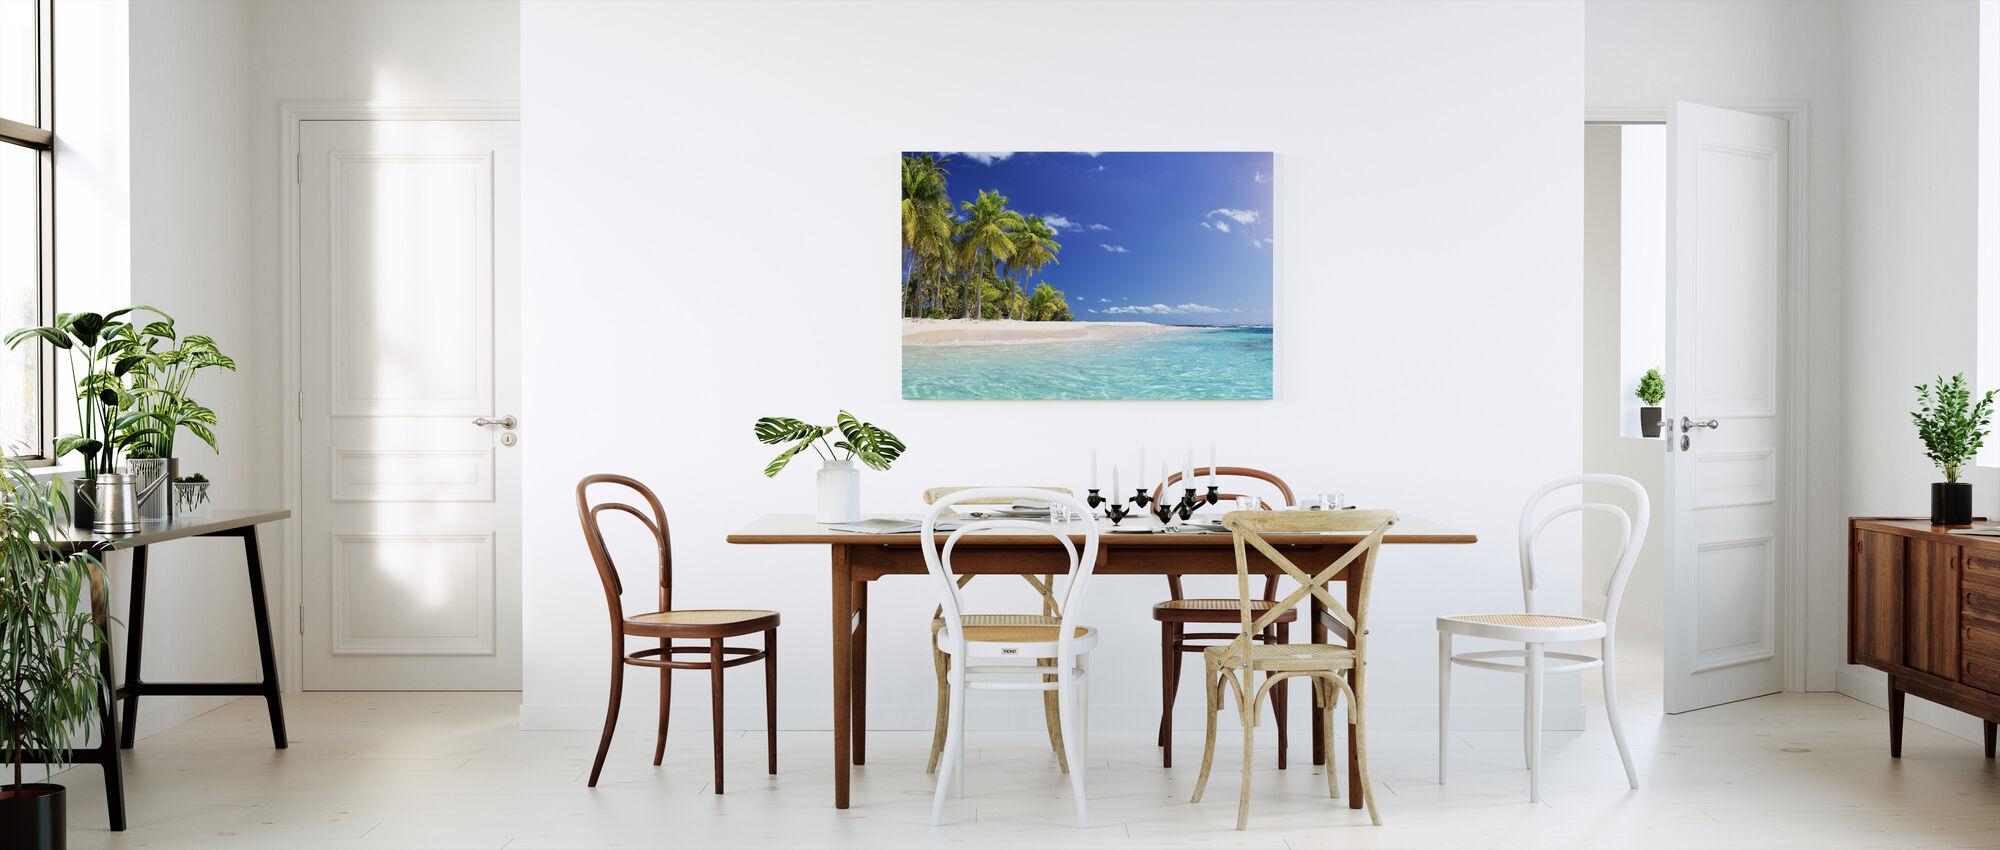 Palm Tree Beach - Billede på lærred - Køkken